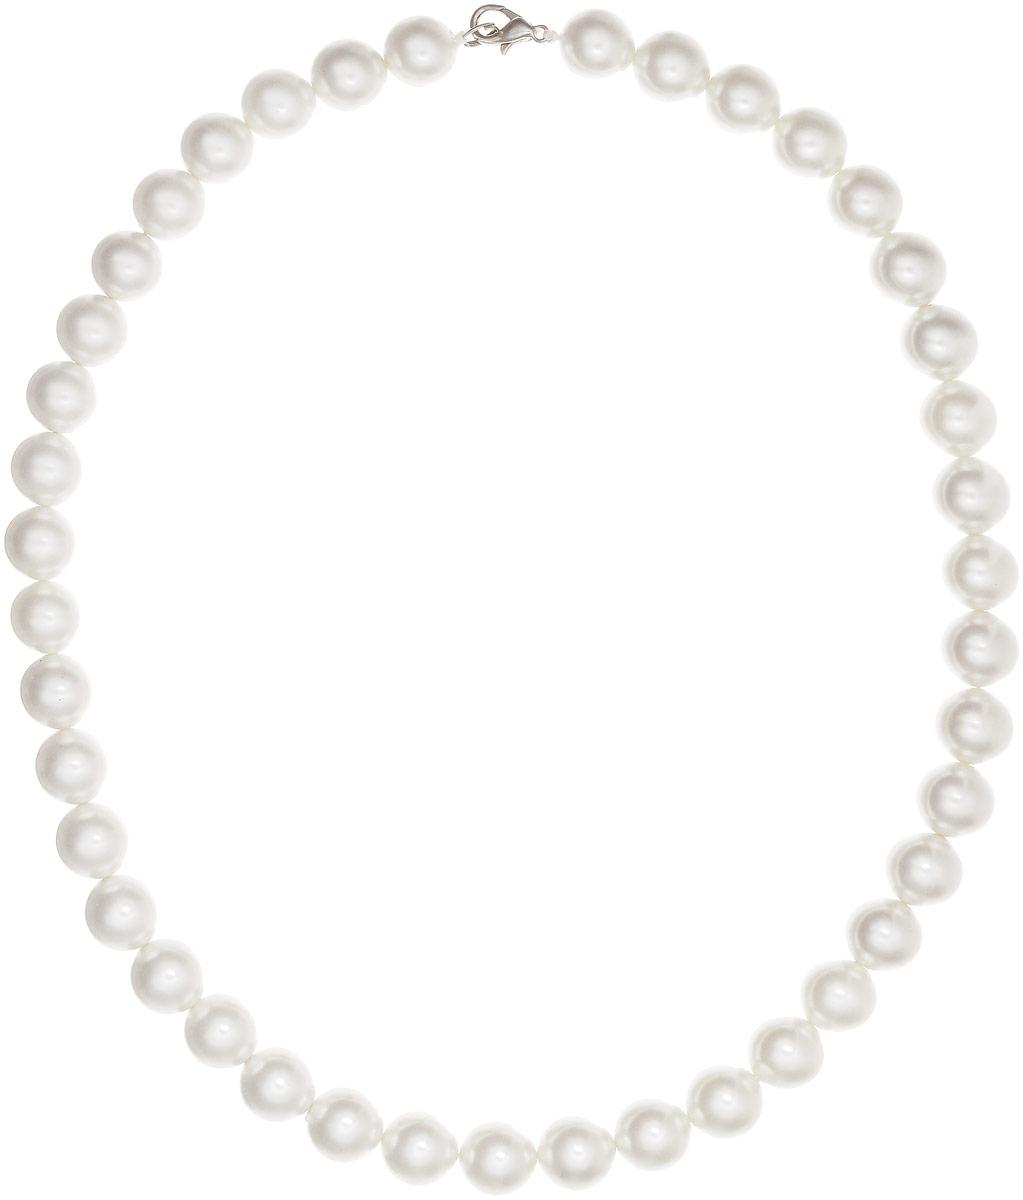 Бусы Art-Silver, цвет: белый, длина 53 см. МАЙ51255-661МАЙ51255-661Бусы Art-Silver выполнены из бижутерного сплава и искусственного жемчуга. Изделие оснащено удобным замком-карабином.